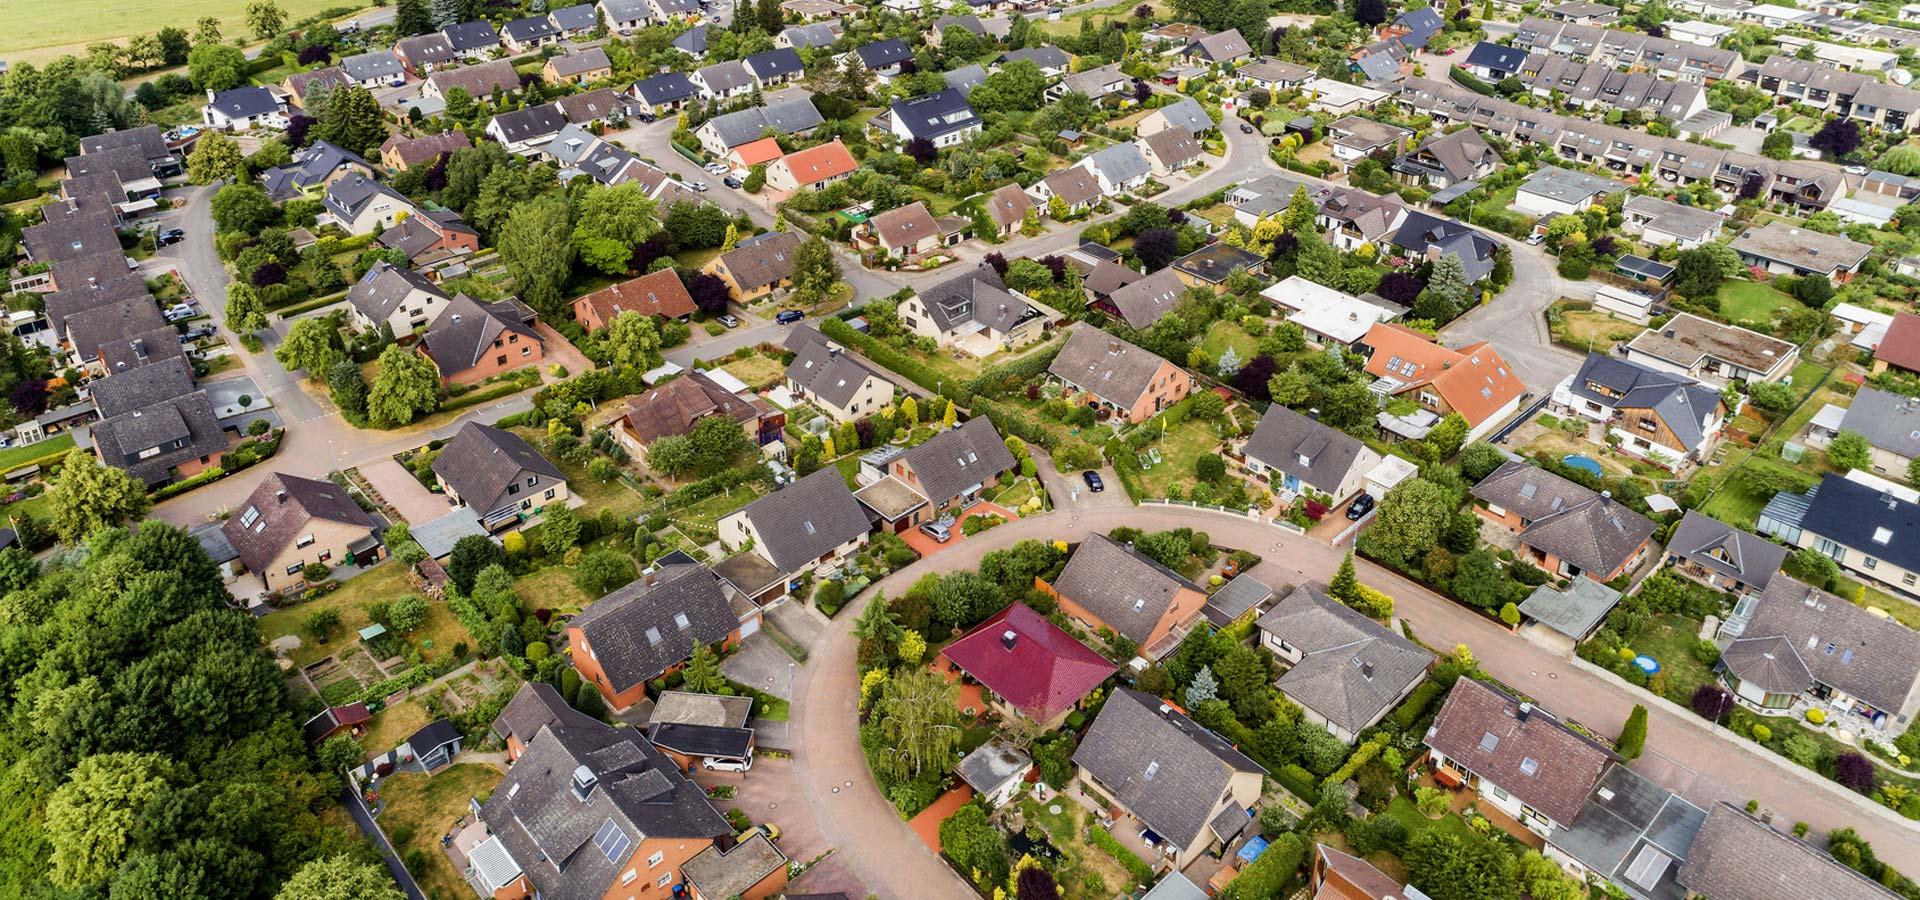 Haus, Wohnung, Grundstück: Jetzt diskret verkaufen in Wiesbaden-Bierstadt